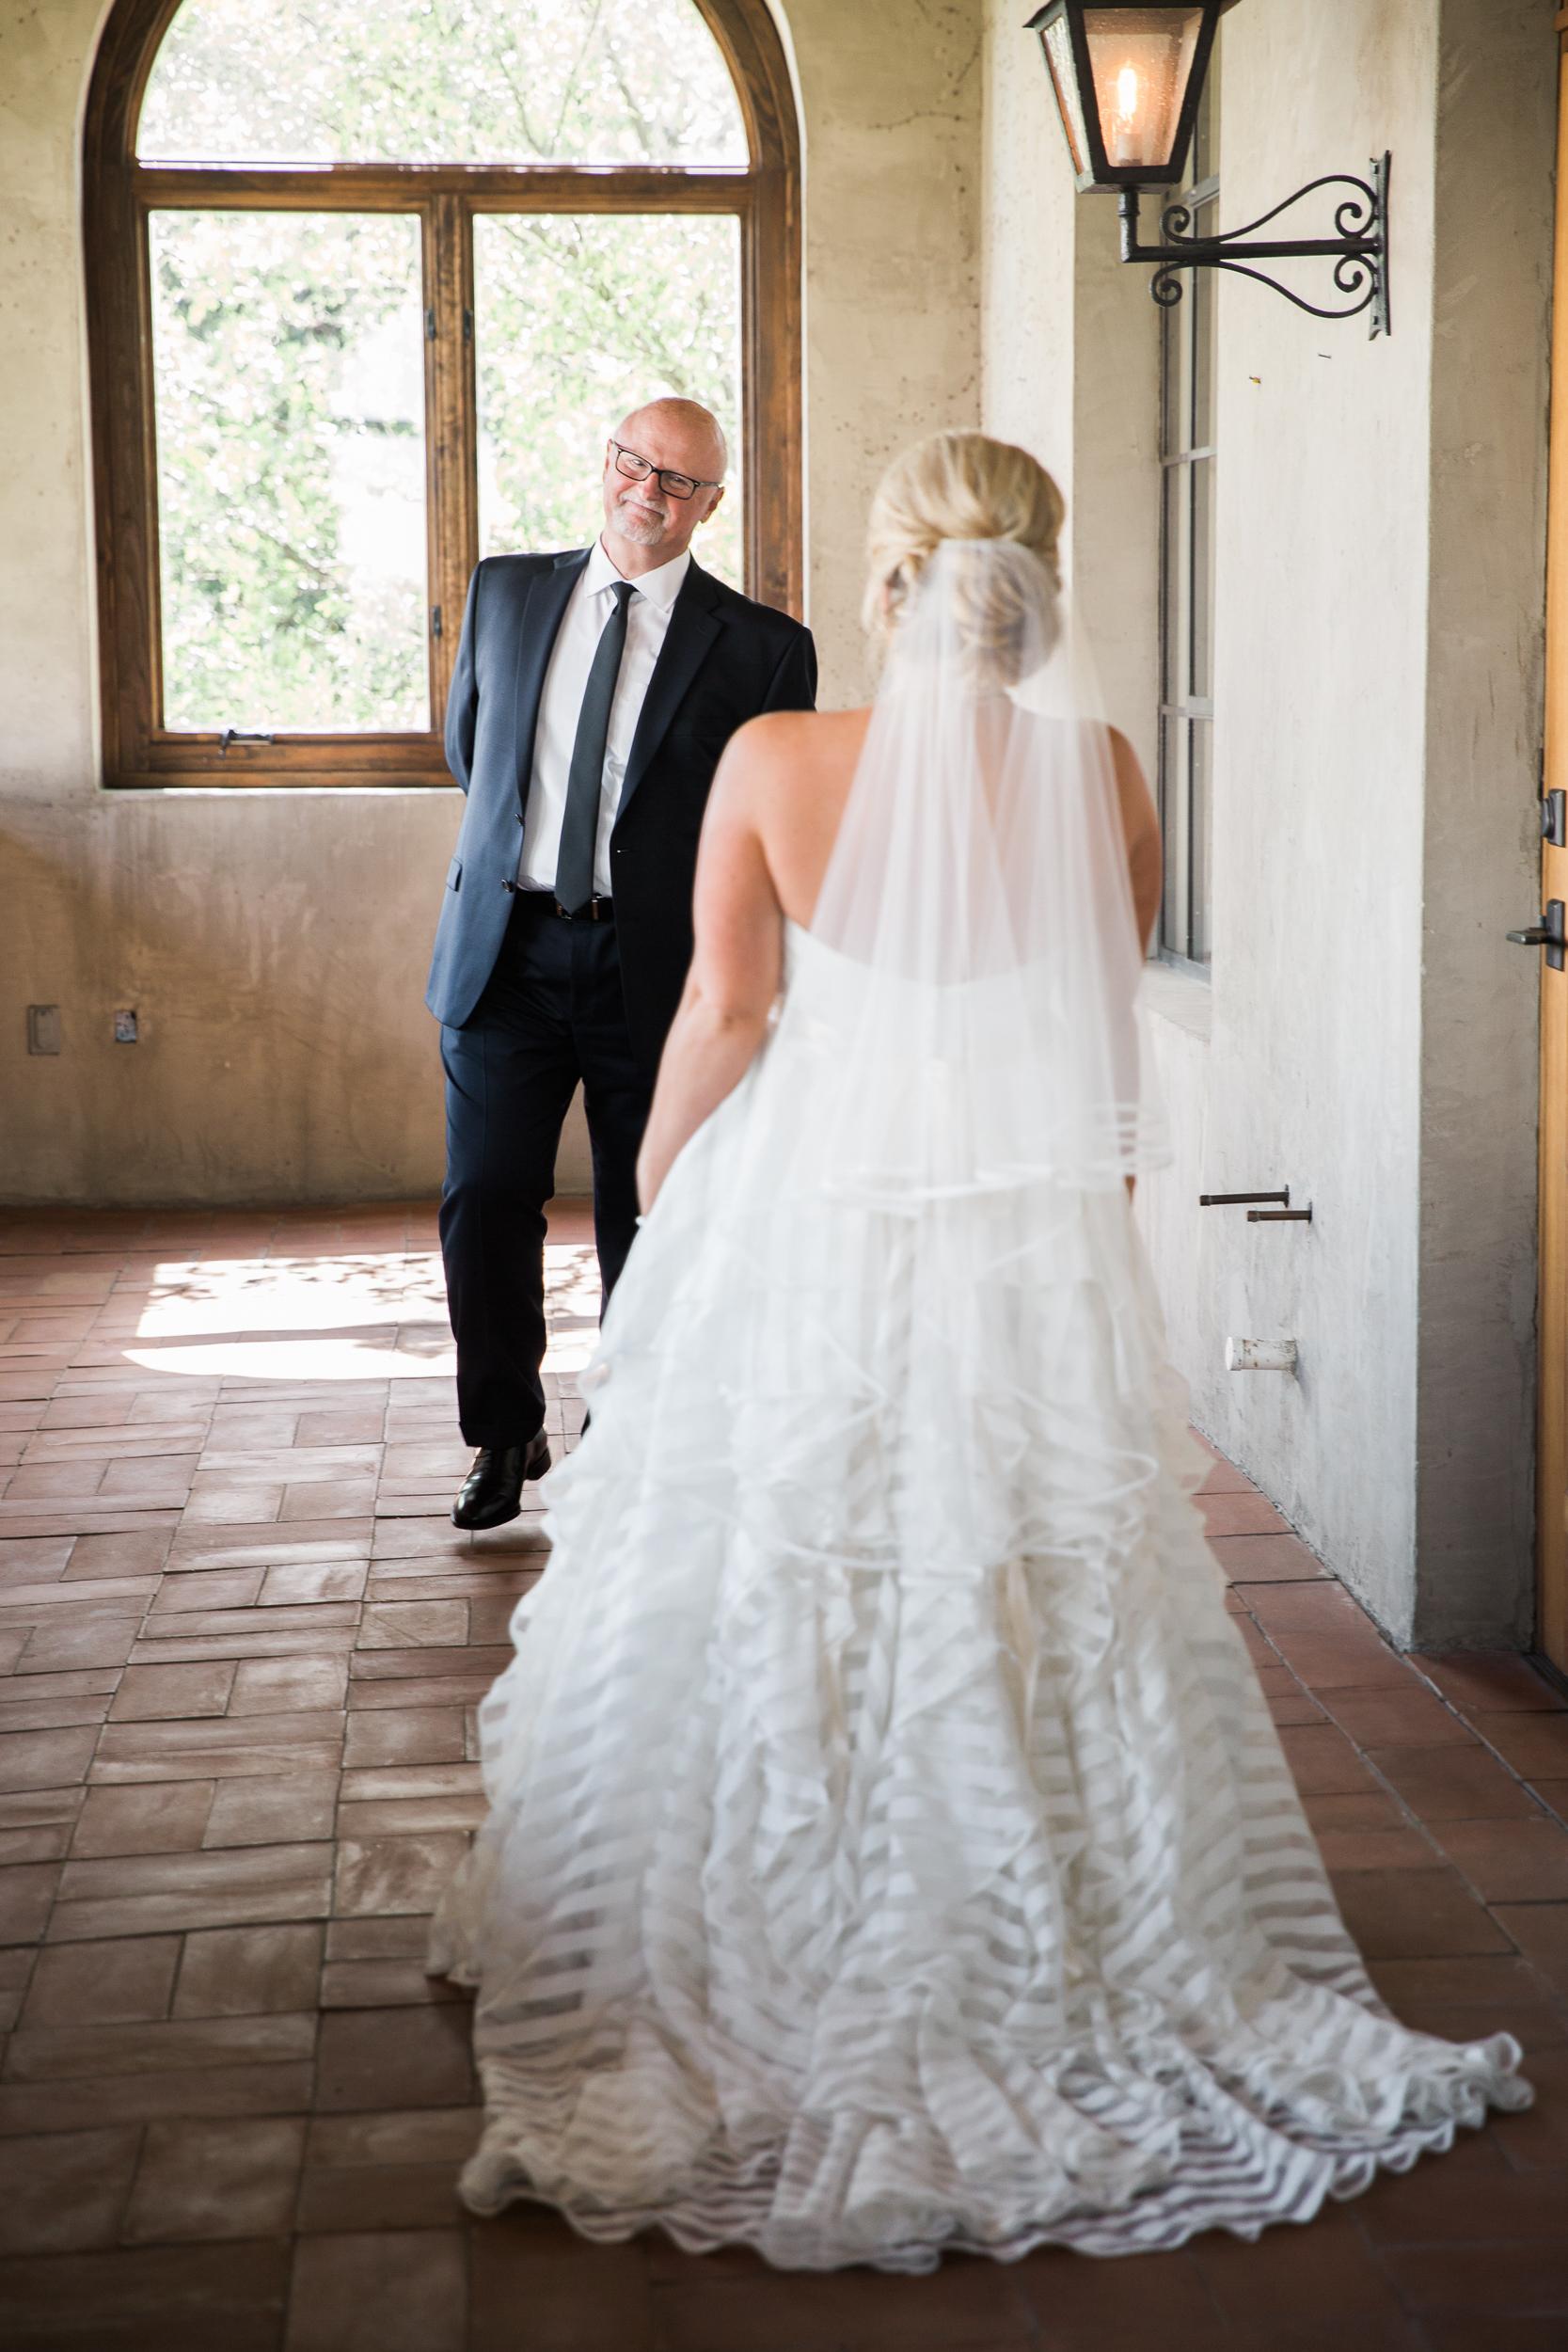 GY5A9892 Sponsel Wedding.jpg